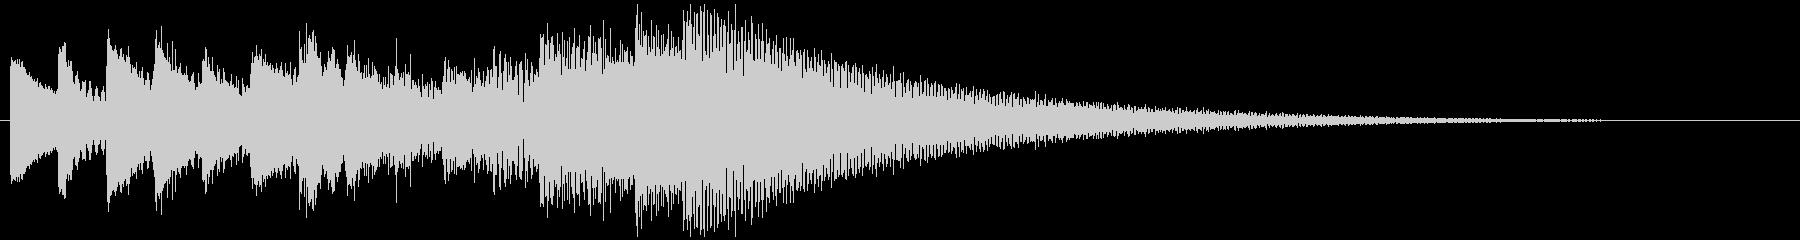 キラキラリーン ゆっくり上昇(鉄琴風)の未再生の波形